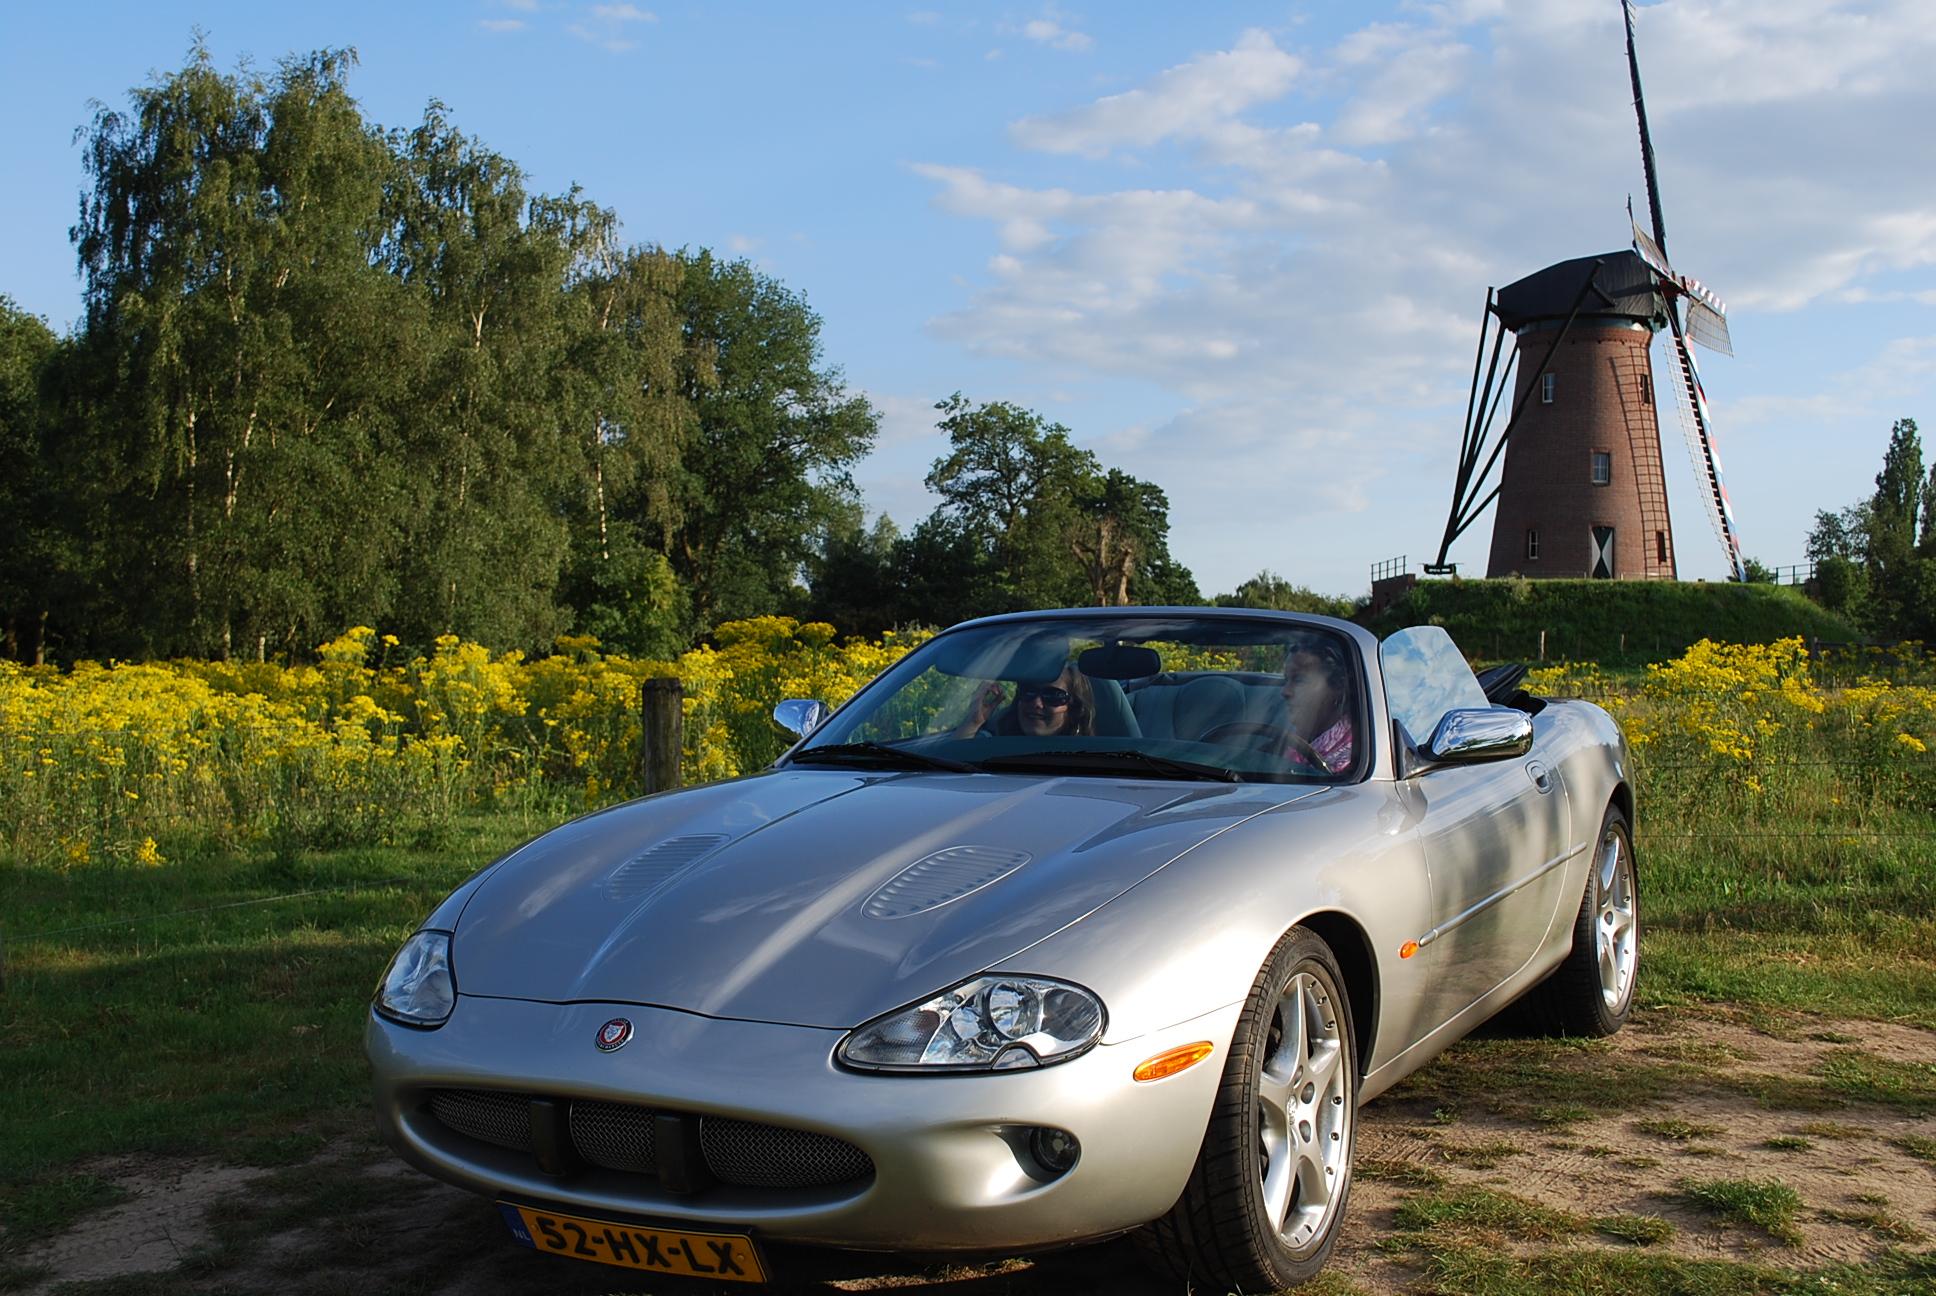 Jaguar XKR Convertible foto 8 (dubbel)